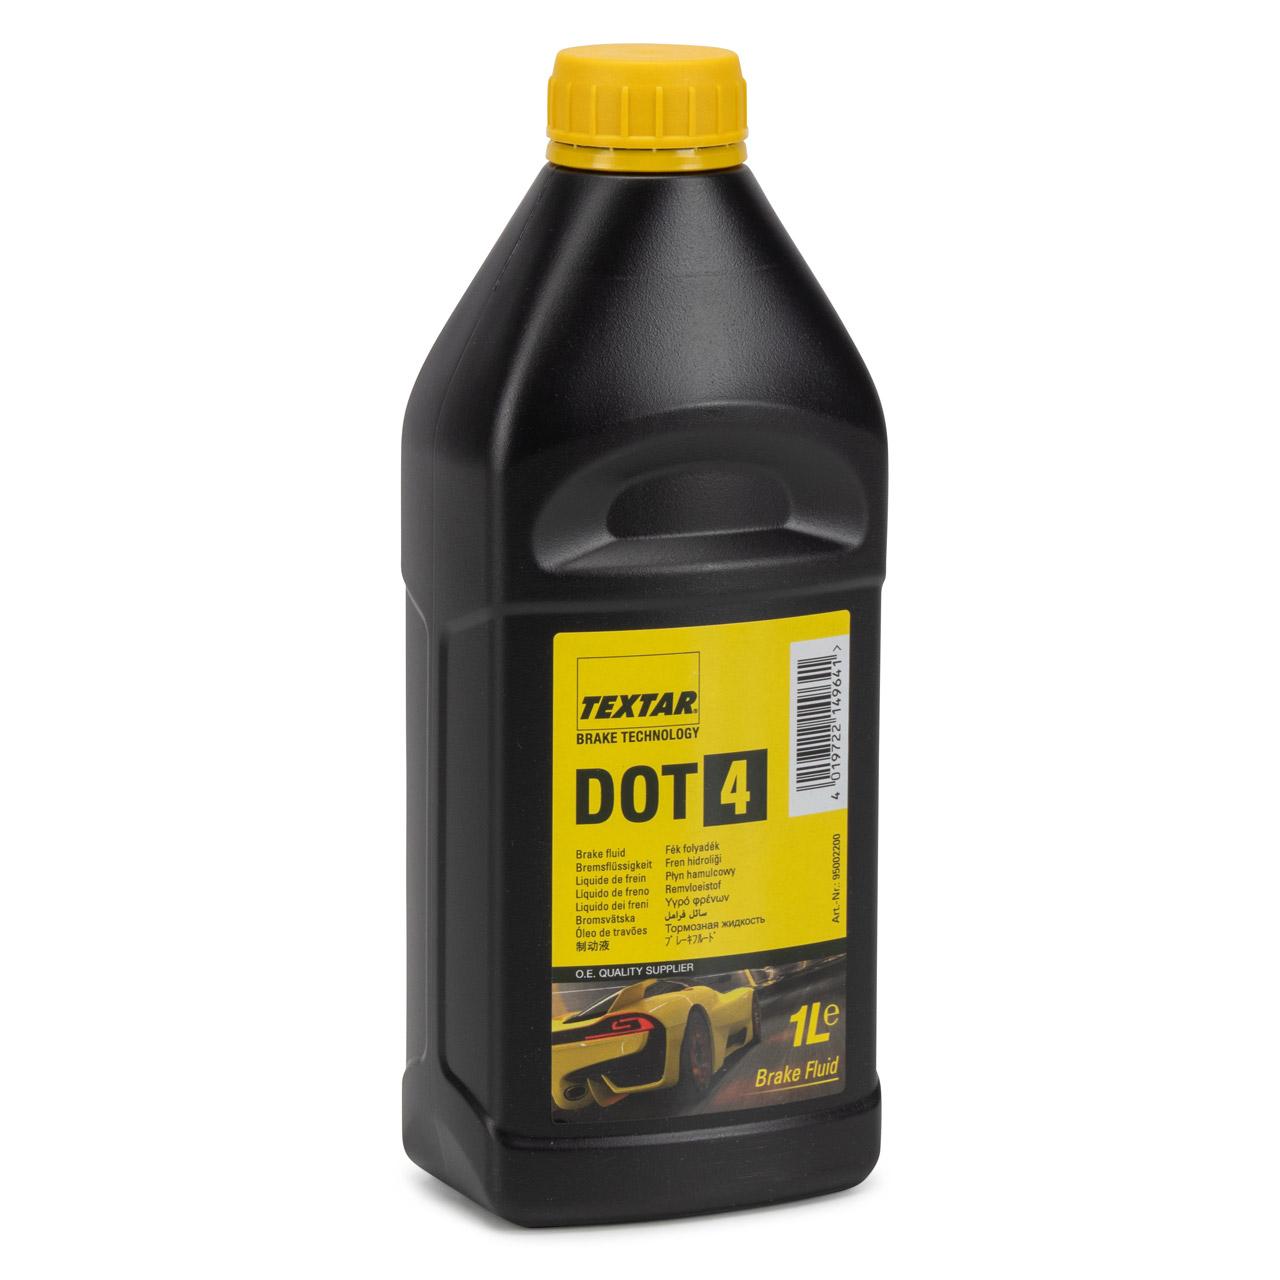 TEXTAR 95002200 Bremsflüssigkeit Brake Fluid DOT4 - 1 Liter 1L